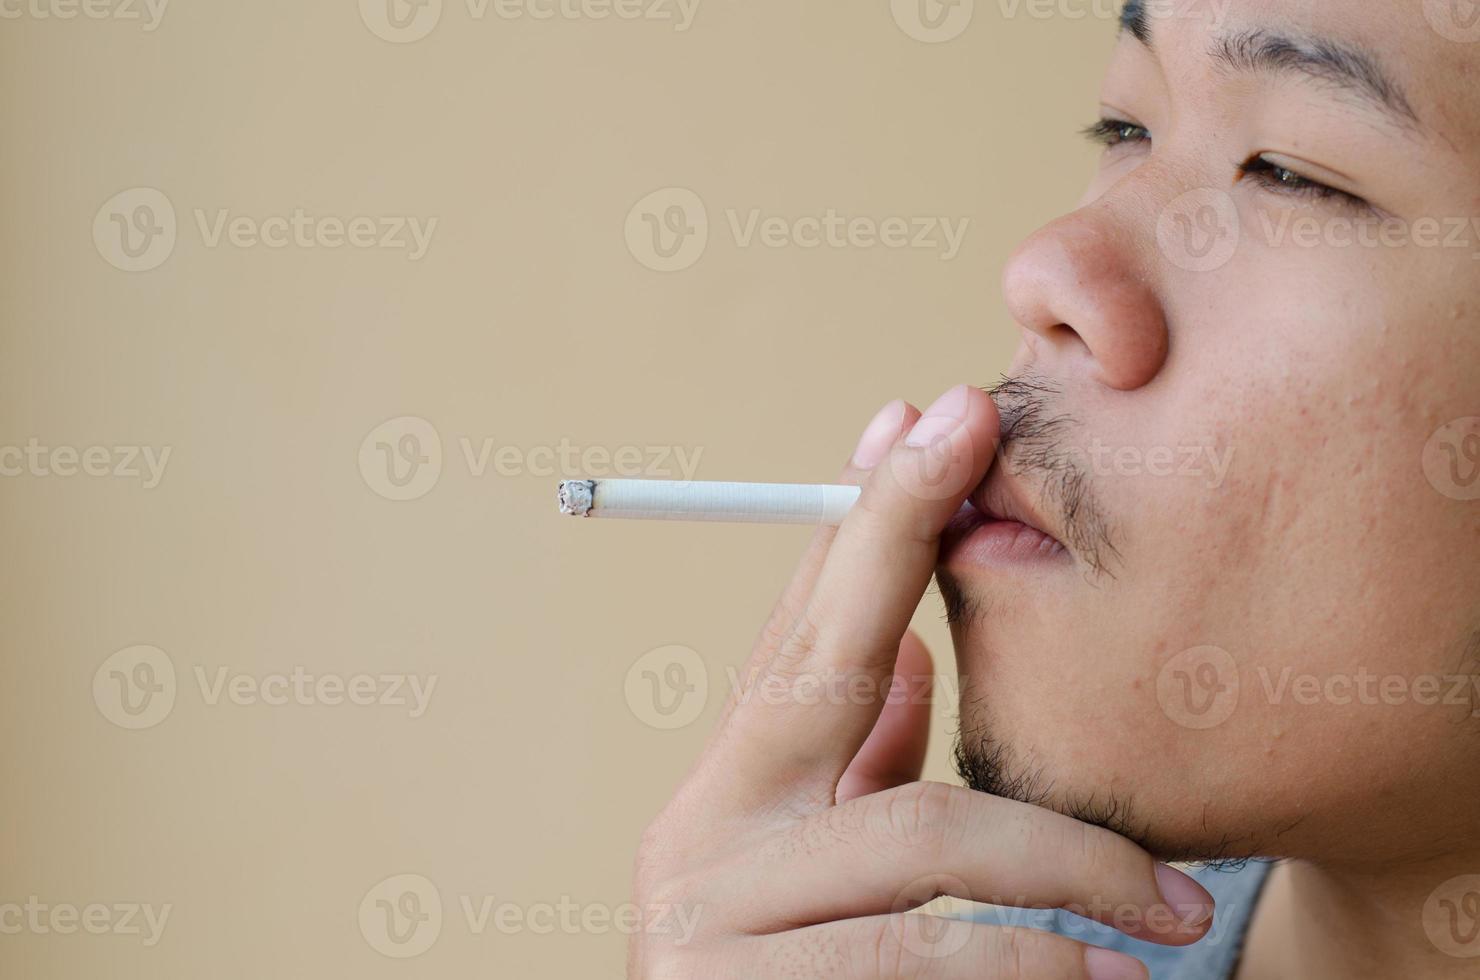 cigarro de fumo jovem asiático foto